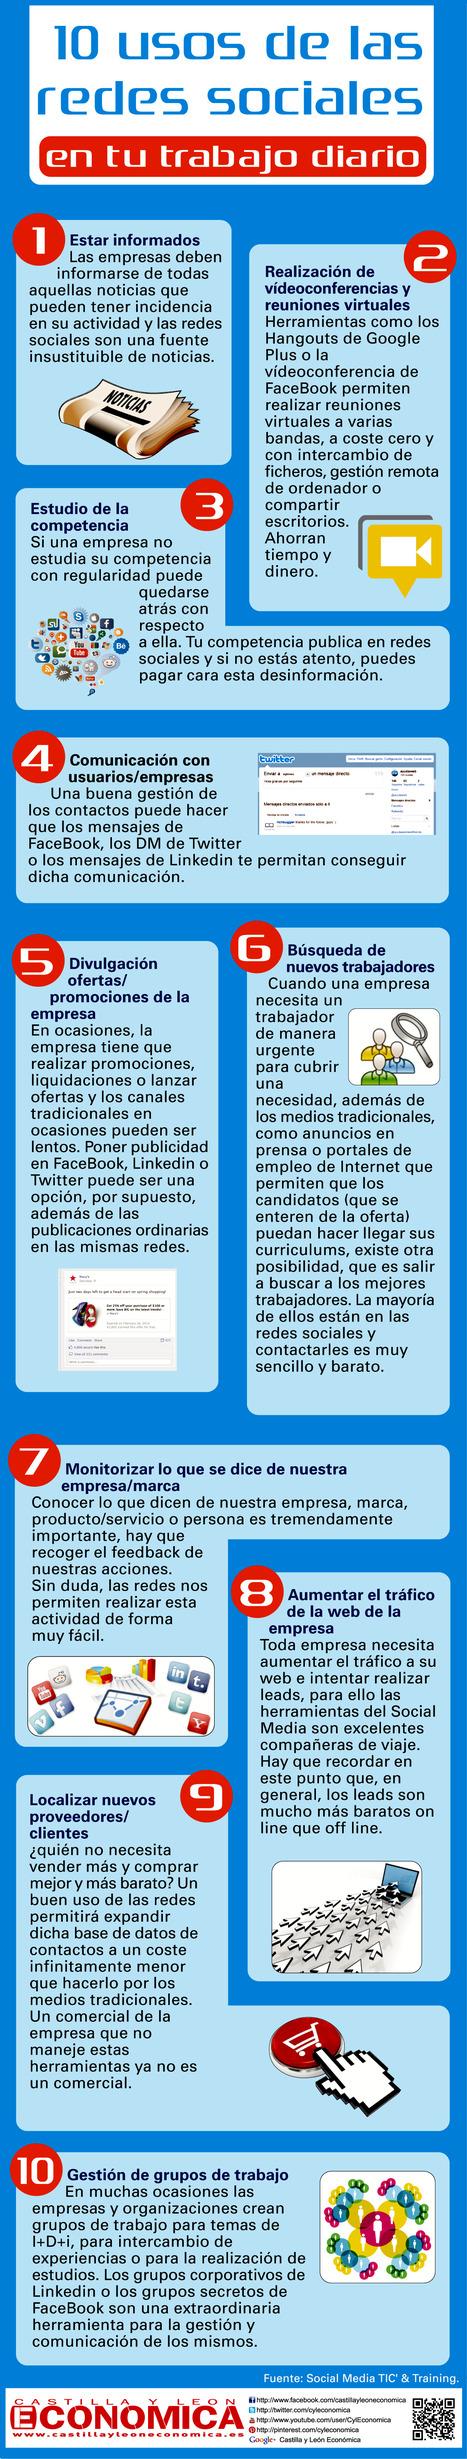 10 usos de las redes sociales en tu trabajo diario #infografia #infographic #socialmedia | ICA2 - Innovación y Tecnología | Scoop.it